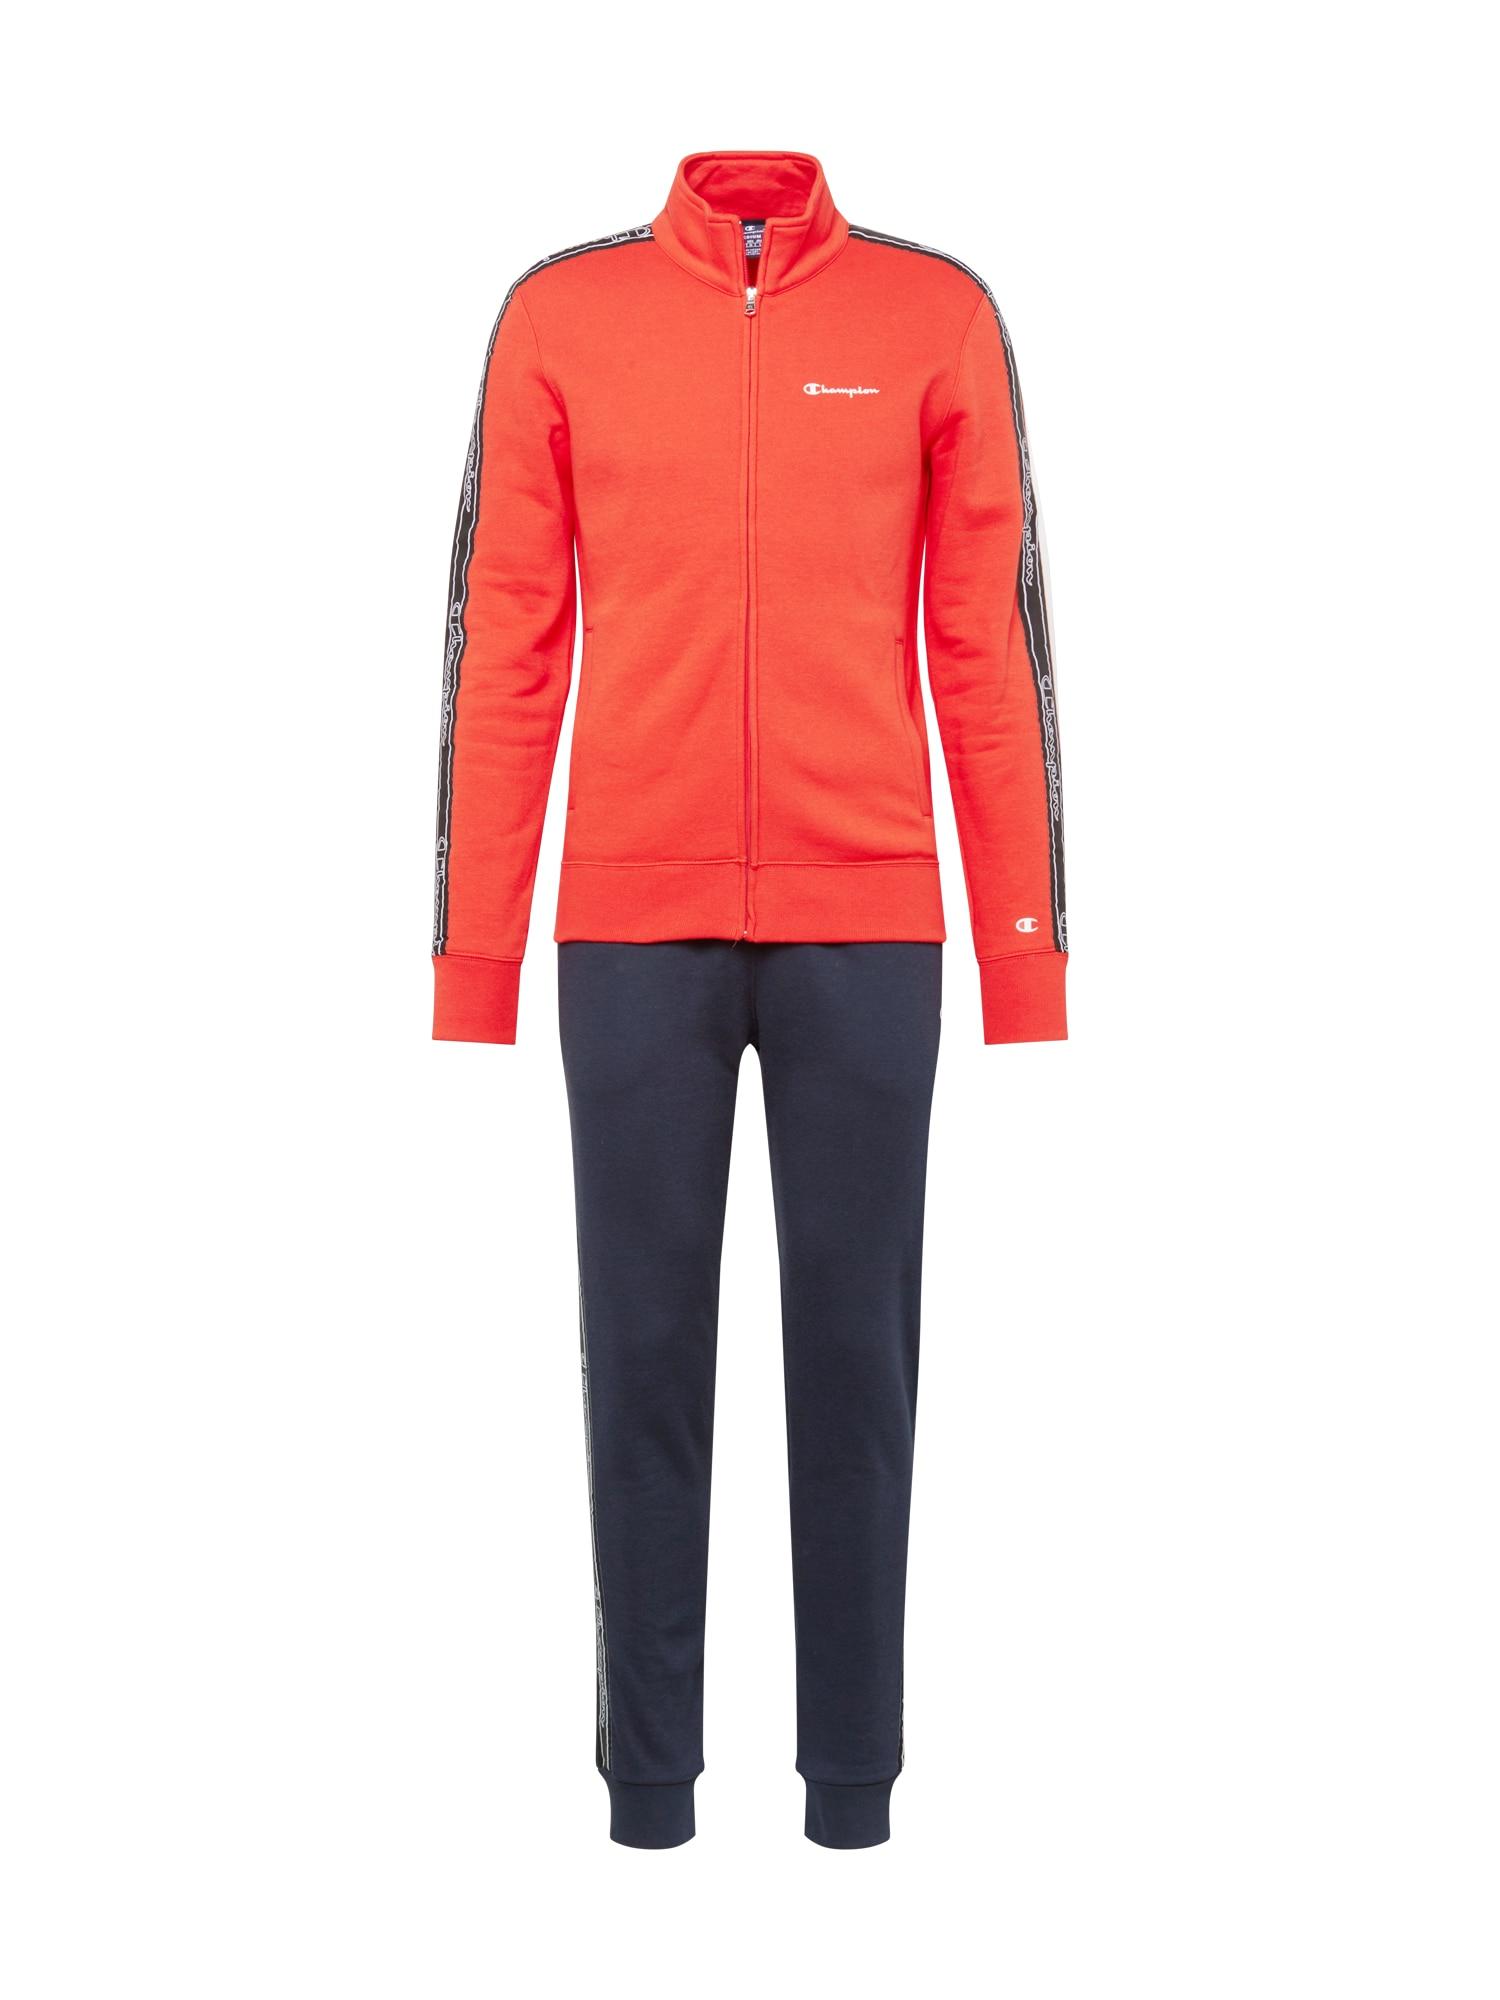 Champion Authentic Athletic Apparel Joggingová souprava  námořnická modř / oranžově červená